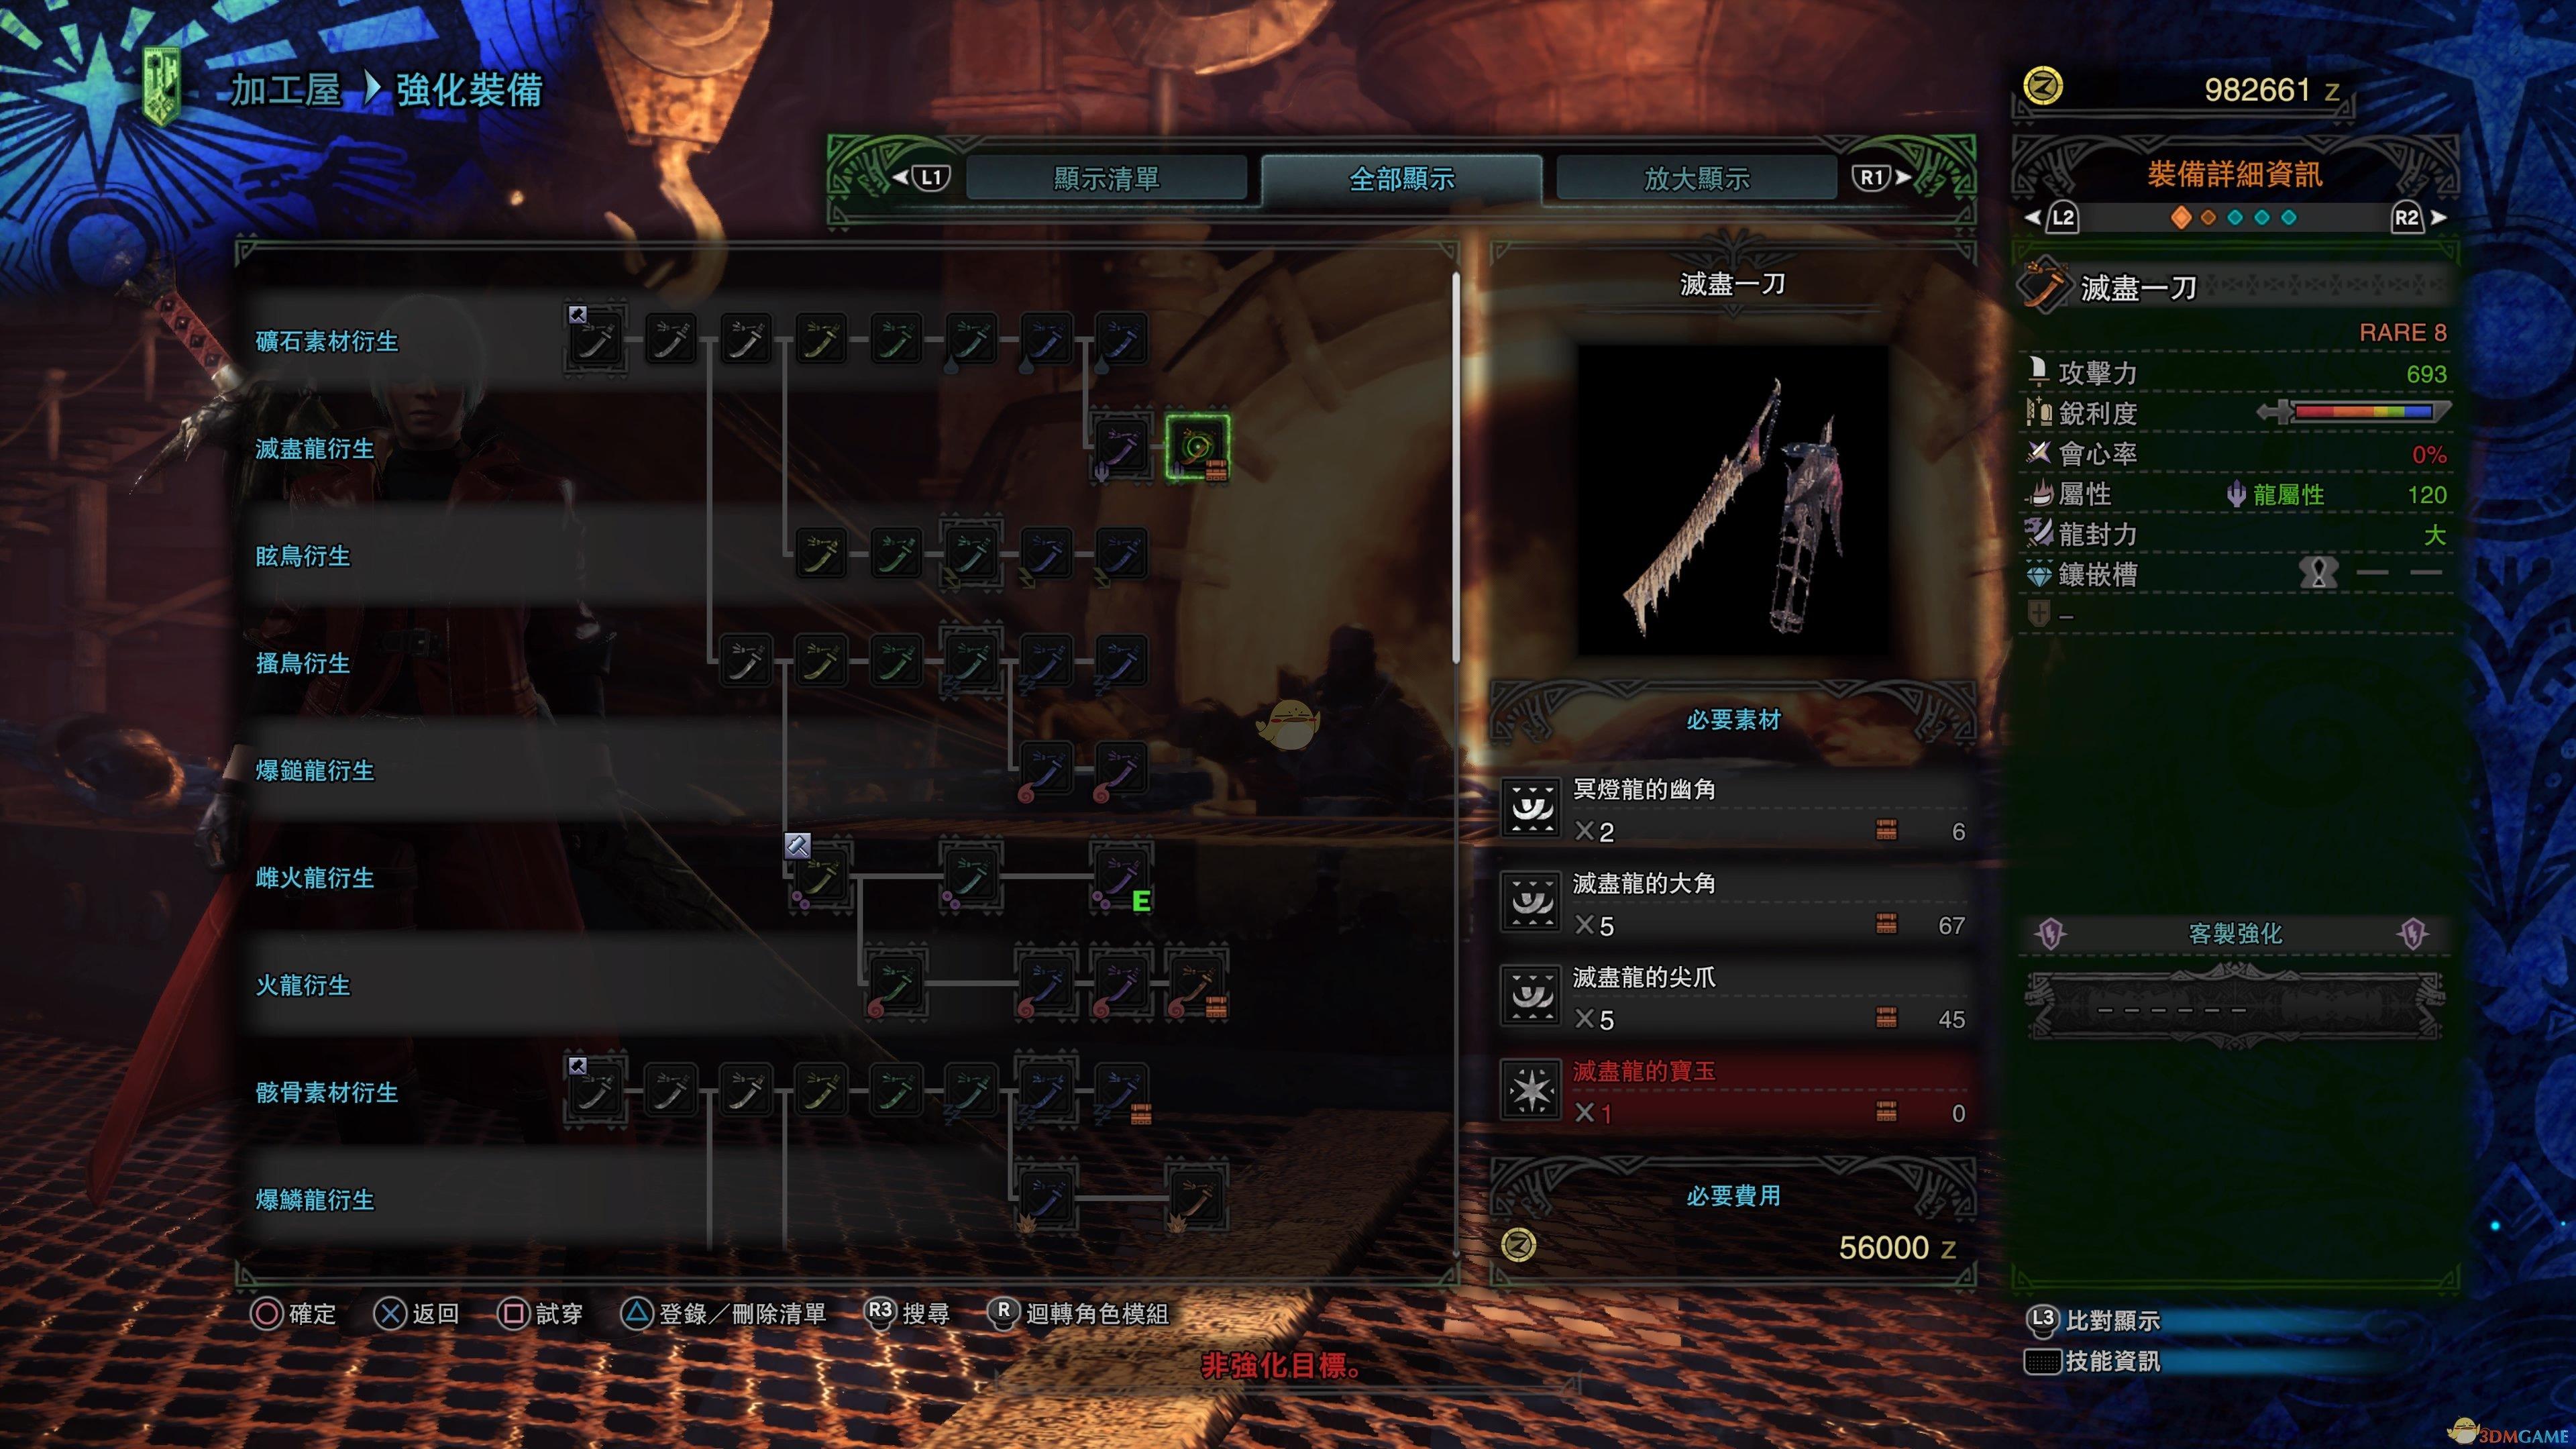 《怪物猎人:世界》PC1.1版本太刀心得